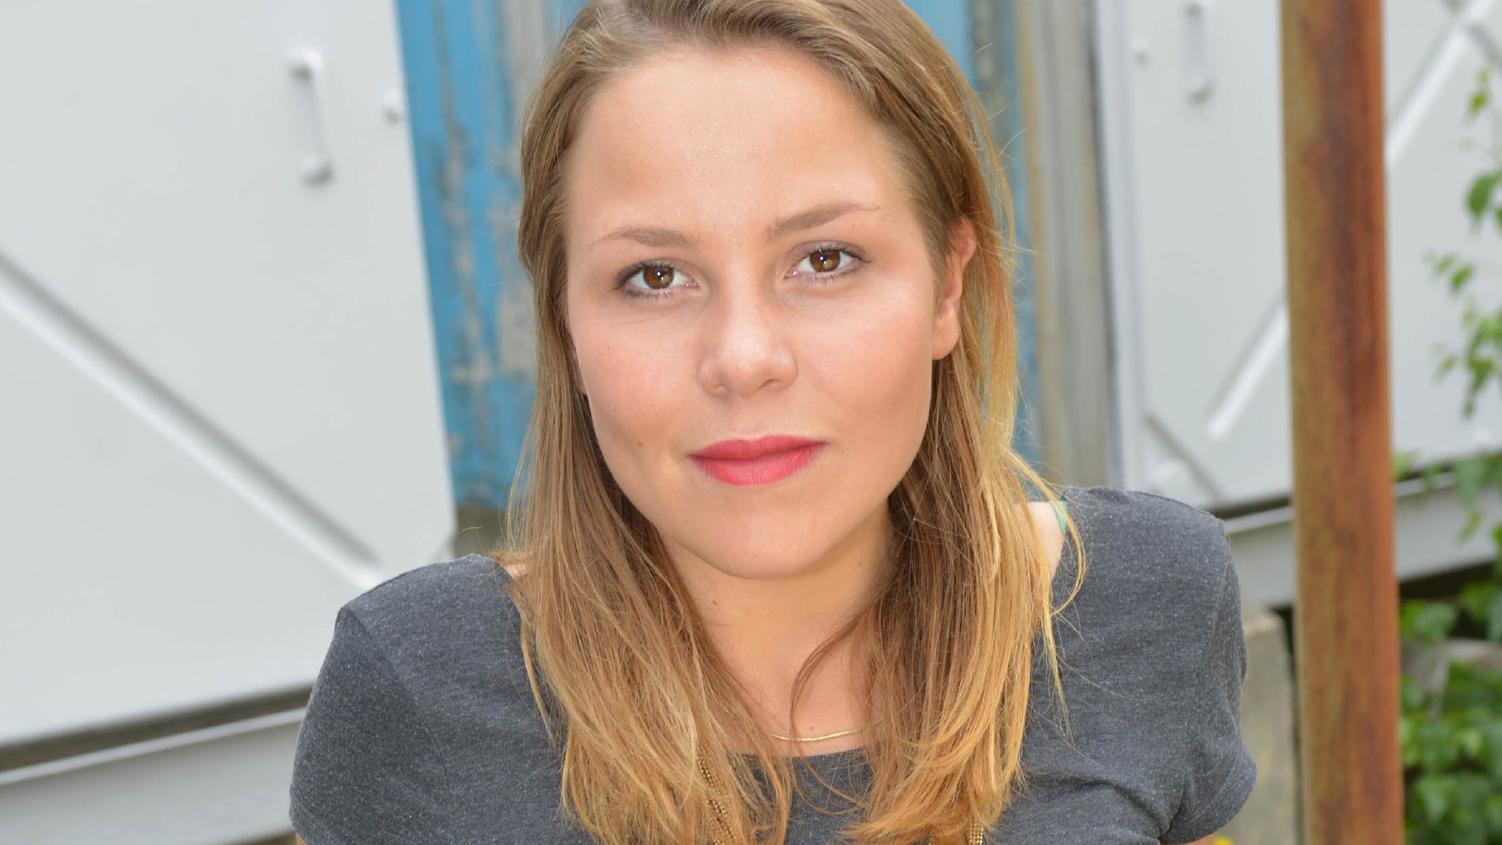 AWZ-Schauspielerin Franziska van der Heide wird im November zum ersten Mal Mutter.